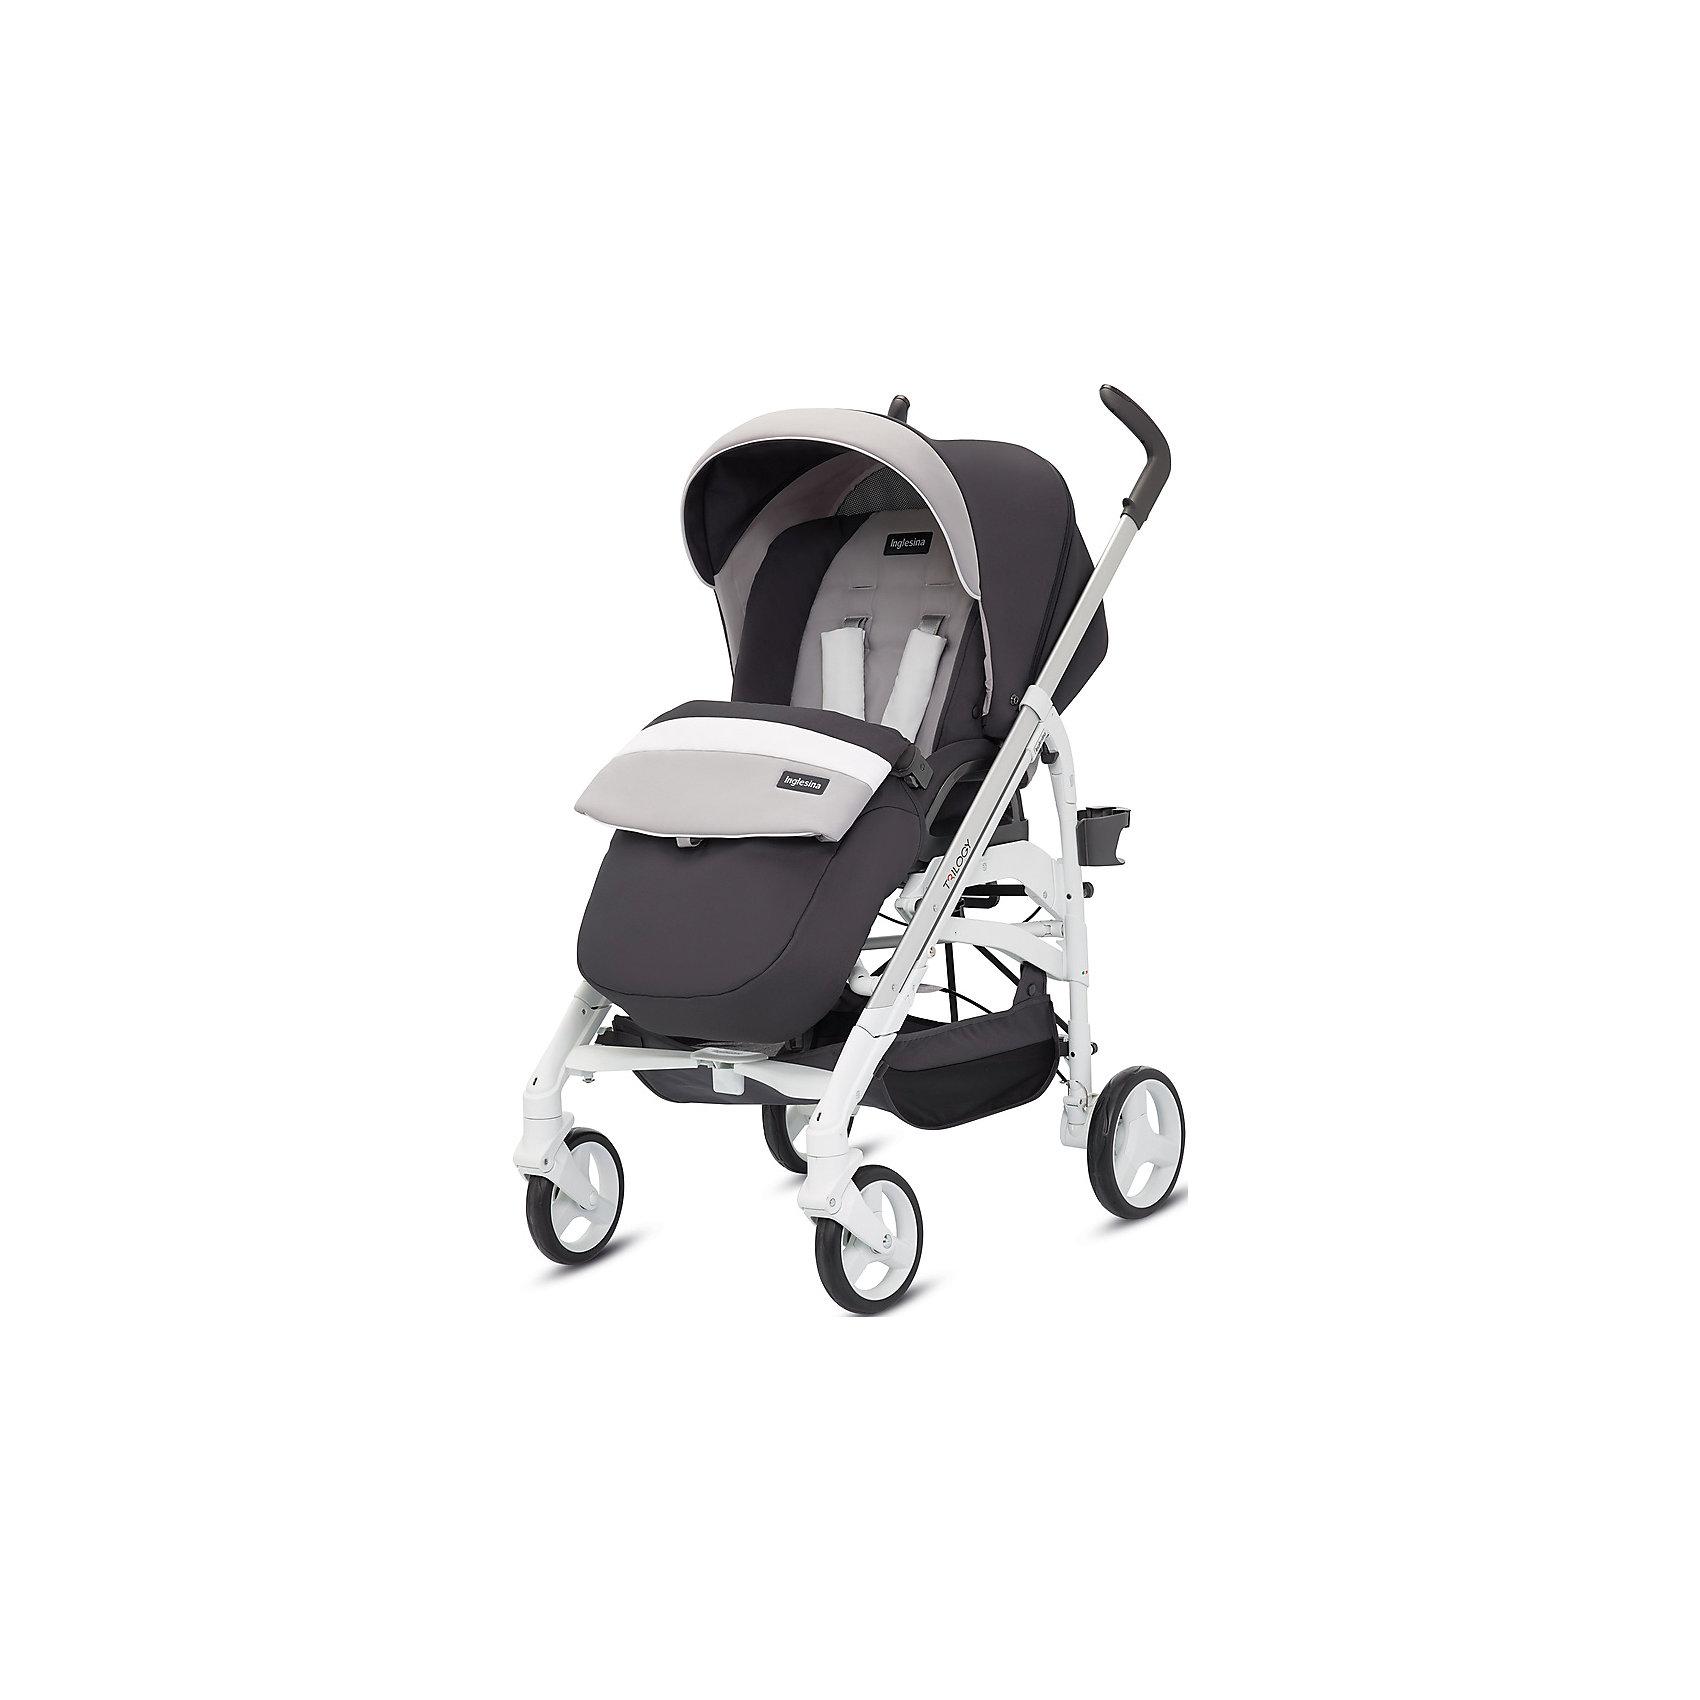 Прогулочная коляска Inglesina Trilogy, GrafiteПрогулочные коляски<br>Прогулочная коляска Trilogy - прекрасный вариант для малышей и их родителей! Модель имеет прочную алюминиевую раму, систему амортизации, передние поворотные колеса, с возможностью фиксации. Модель легко складывается, имеет ножной тормоз и небольшую ширину шасси, благодаря которой коляска войдет даже в самый узкий дверной проем. С помощью системы Easy Clips, прогулочный блок одним движением руки устанавливается и снимается с шасси. Прогулочный блок переставляется лицом к маме или по направлению движения Удобное сиденье, объемный капюшон со смотровым окошком, регулируемые подножка и спинка обеспечат малышу спокойный и комфортный отдых, а пятиточечные страховочные ремни с мягкими накладками и съемный бампер гарантируют безопасность. Чехол прогулочного блока выполнен из прочных материалов, он легко снимается и стирается в теплой воде. <br><br>Дополнительная информация:<br><br>- Материал: пластик, резина, текстиль, алюминий.<br>- Тип складывания: трость. <br>- Размер в разложенном виде: 83х57х107 см. <br>- Размер в сложенном виде: 48х37х97 см.<br>- Ширина шасси: 57 см.<br>- Количество колес: 4.<br>- Колеса с подшипниками. <br>- Диаметр колес: передних - 17,5 см; задних - 20,5 см.<br>- Вес: 9,5 кг.<br>- Передние колеса поворотные с возможностью фиксации. <br>- Регулируемая спинка (в 4-хположениях, до горизонтального).<br>- Регулируемая подножка (в 2-х положениях).<br>- 5-титочечные ремни безопасности.<br>- Съемный бампер.<br>- Капюшон со смотровым окошком. <br>- Регулируемая по высоте ручка. <br>- Максимальный вес ребенка: 15 кг. <br>- Вместительная корзина для вещей. <br>- Комплектация: накидка на ножки, дождевик, подстаканник. <br><br>Прогулочную коляску Trilogy, Inglesina (Инглезина), Grafite, можно купить в нашем магазине.<br><br>Ширина мм: 1000<br>Глубина мм: 324<br>Высота мм: 415<br>Вес г: 13150<br>Возраст от месяцев: 6<br>Возраст до месяцев: 36<br>Пол: Унисекс<br>Возраст: Детский<br>SKU: 4764225